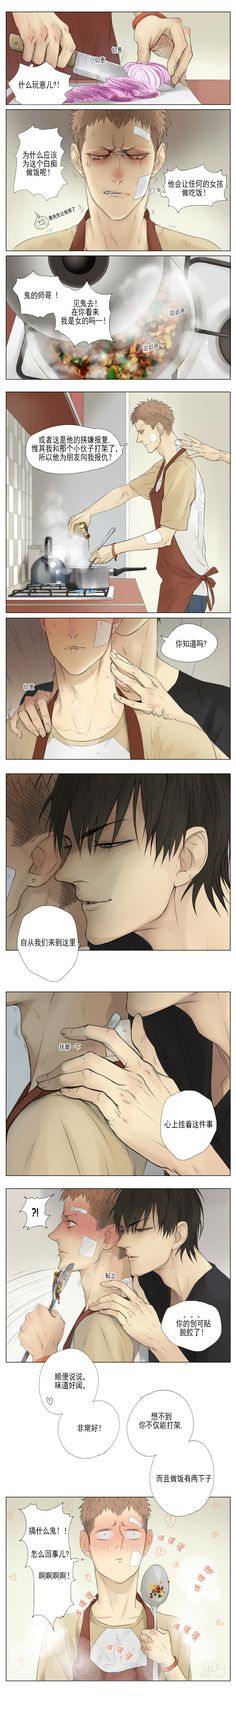 He Tian is so ricking sexy!!!- HiddenWing